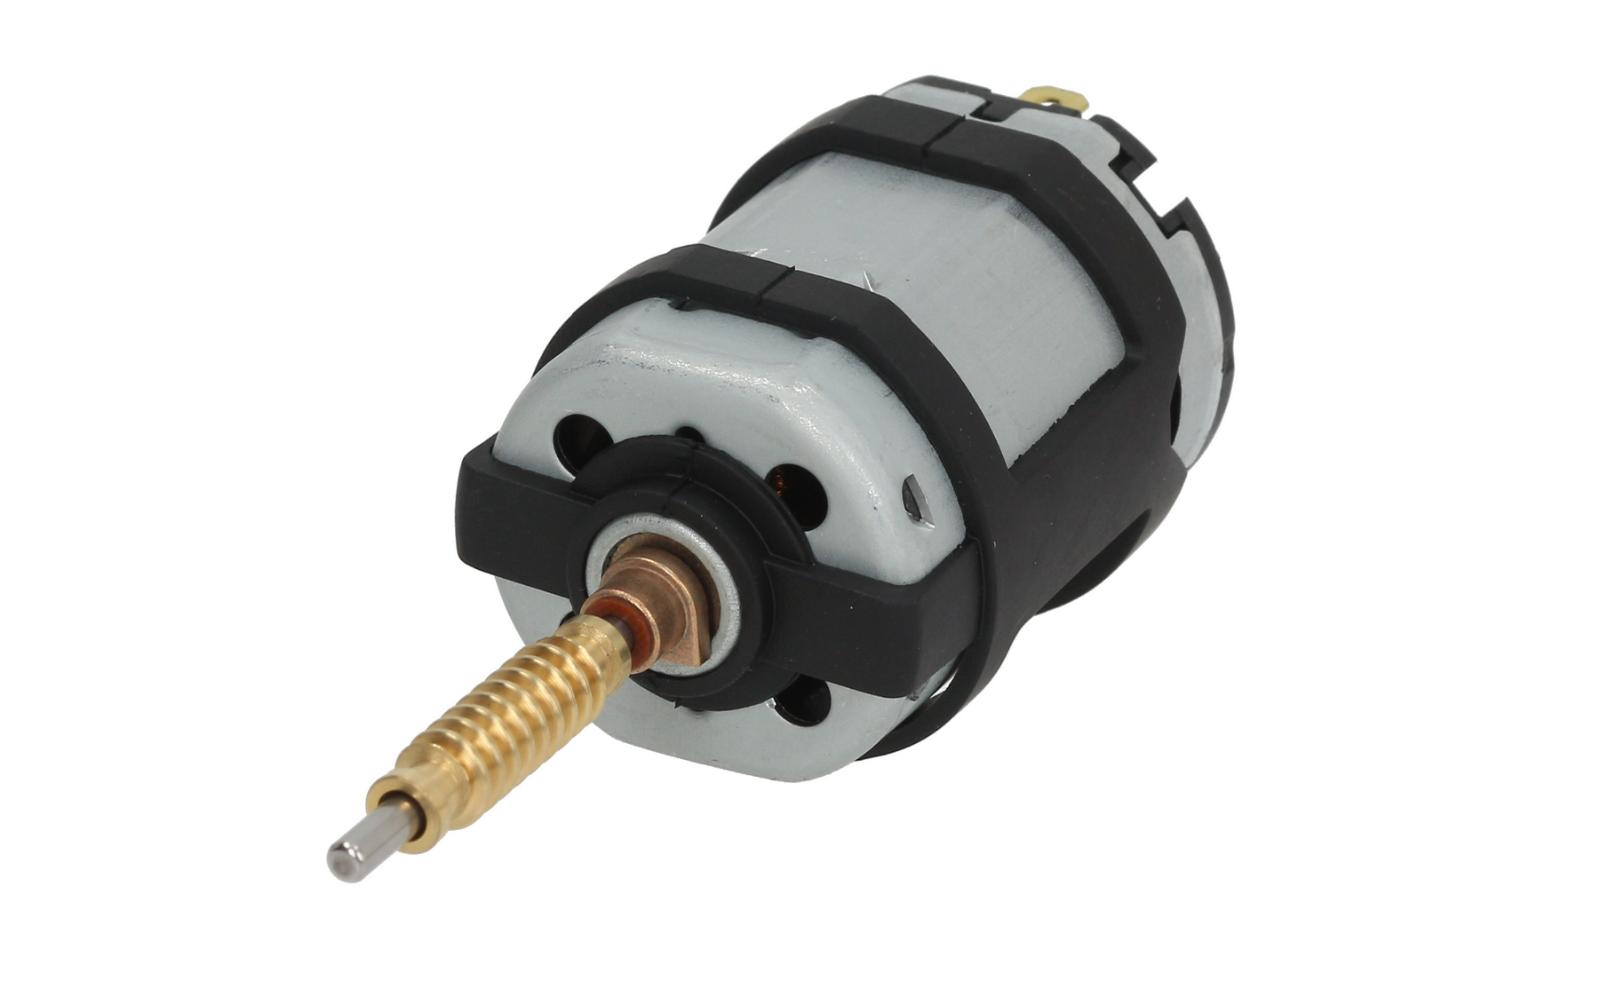 SAECO Motore per Gruppo Erogazione per Incanto INTUITA XSmall Vienna 11003037